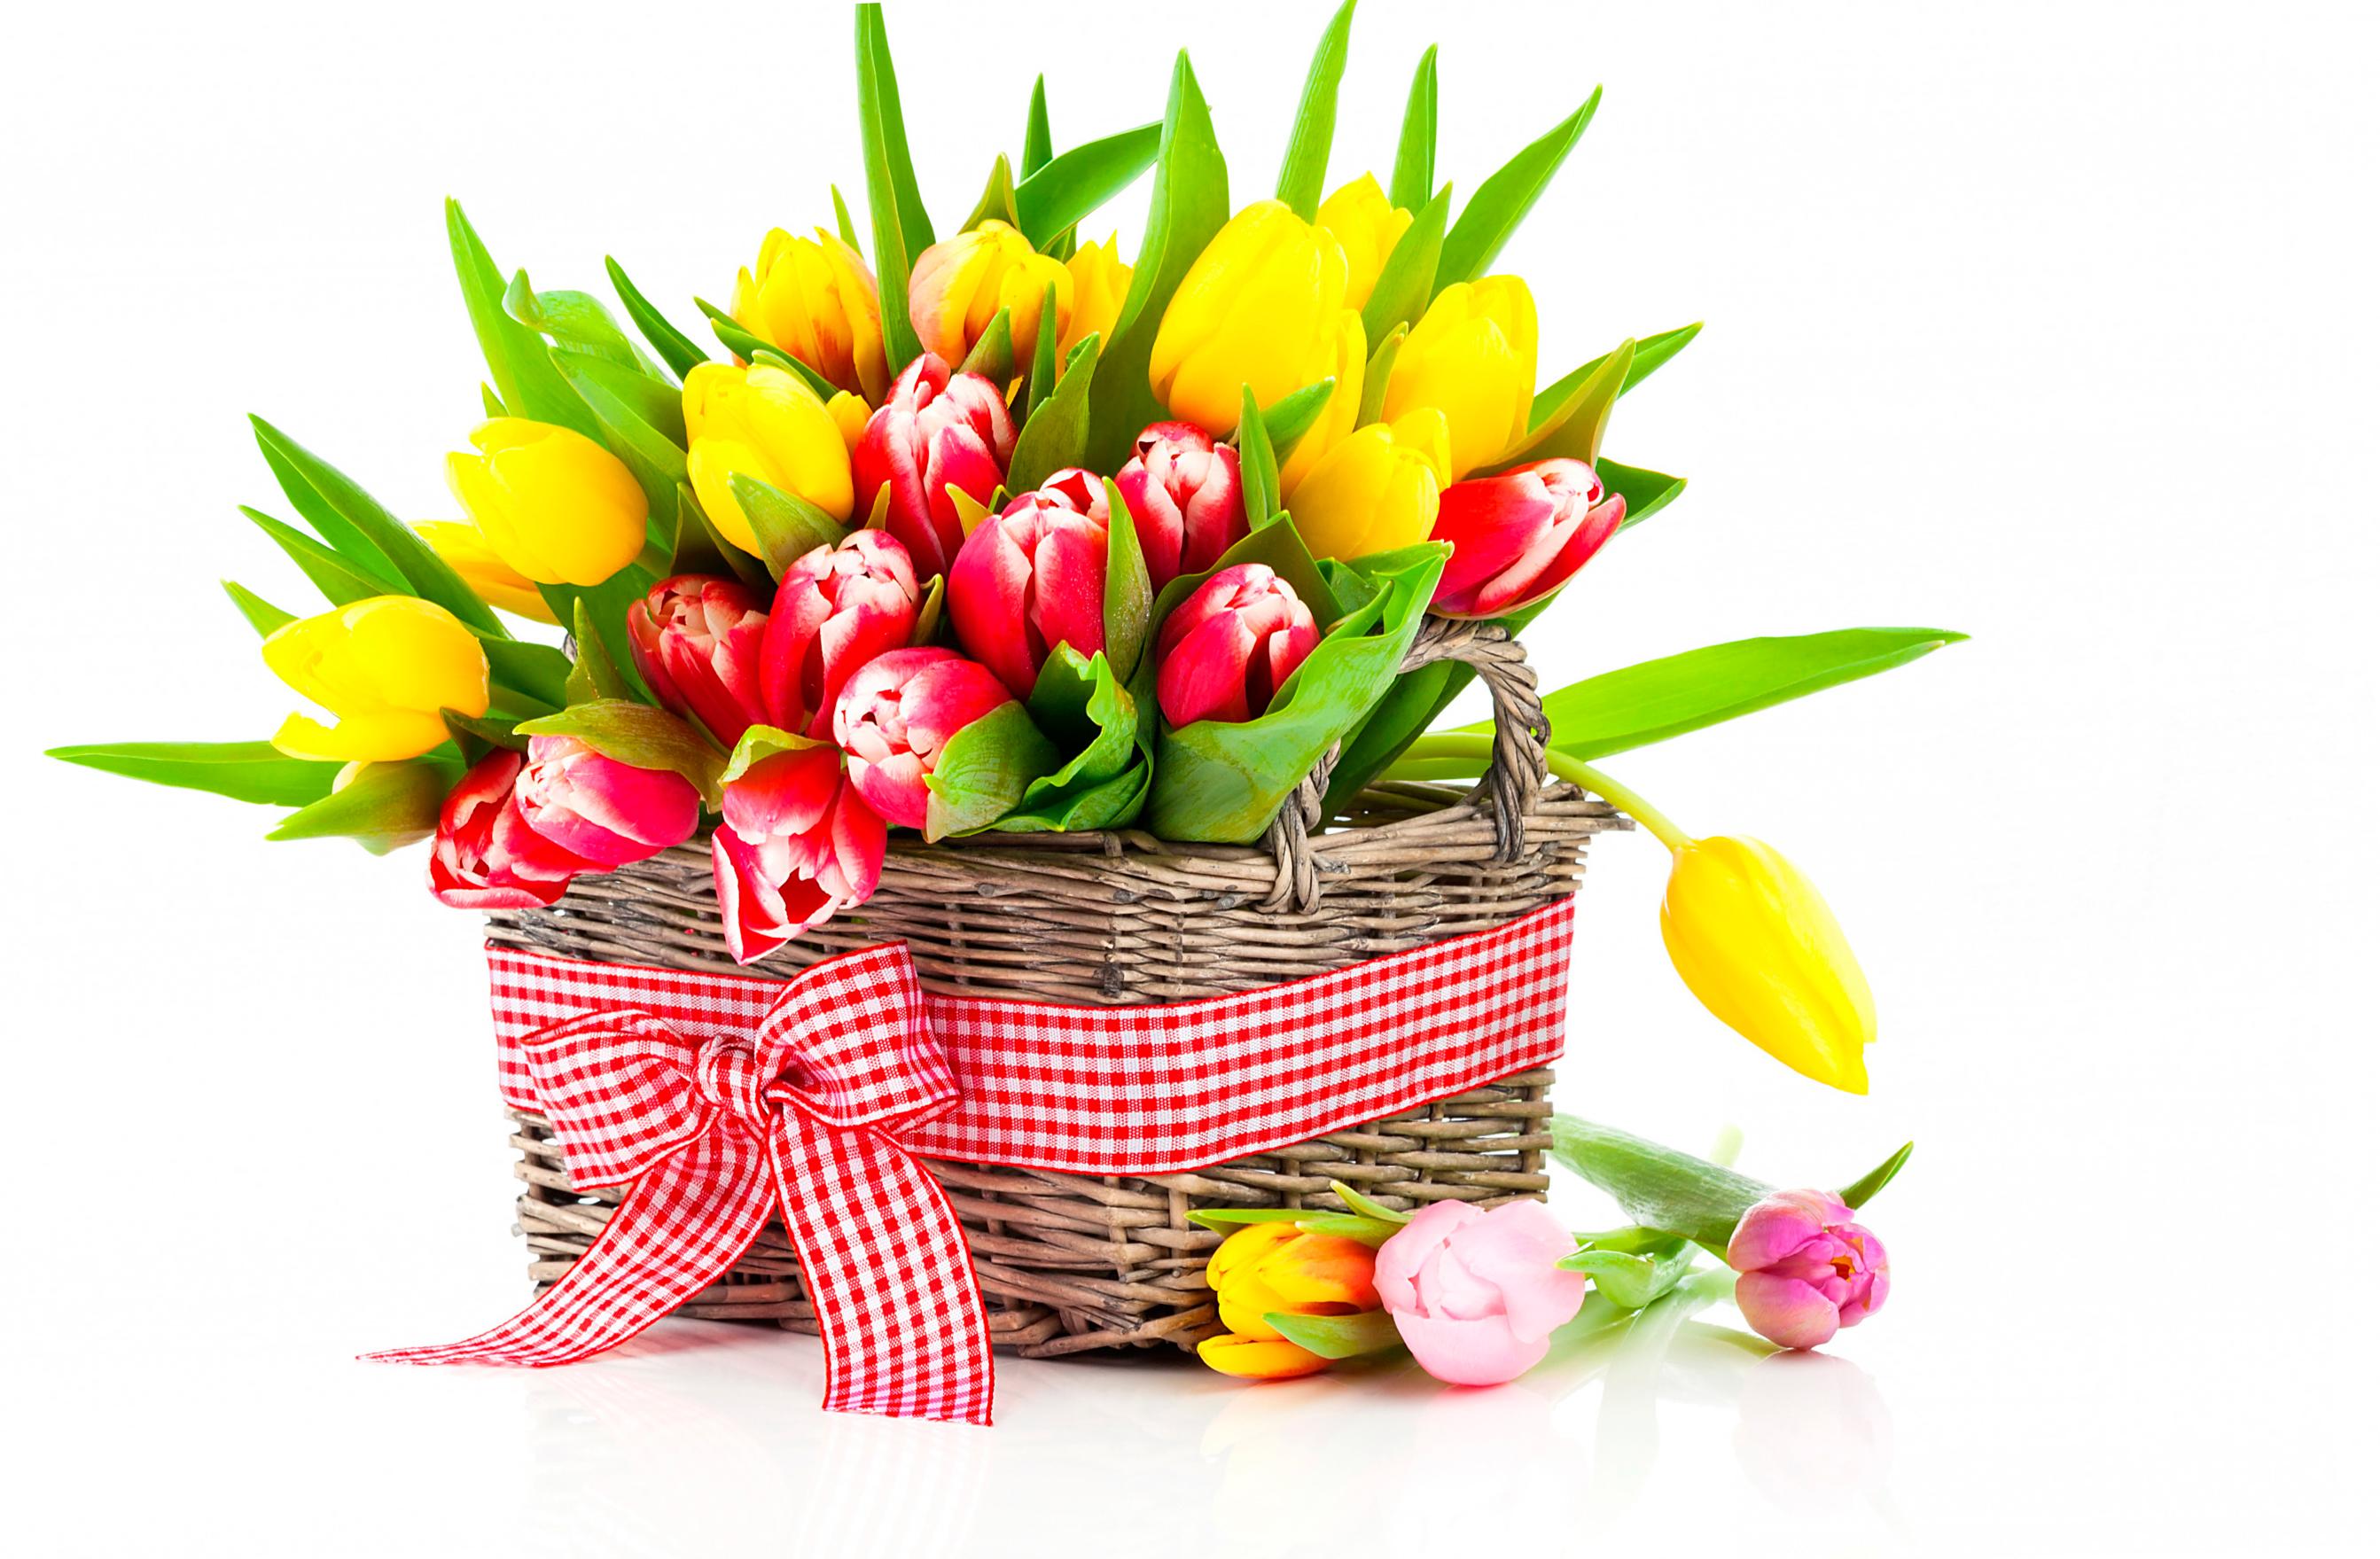 tulip-photo-93